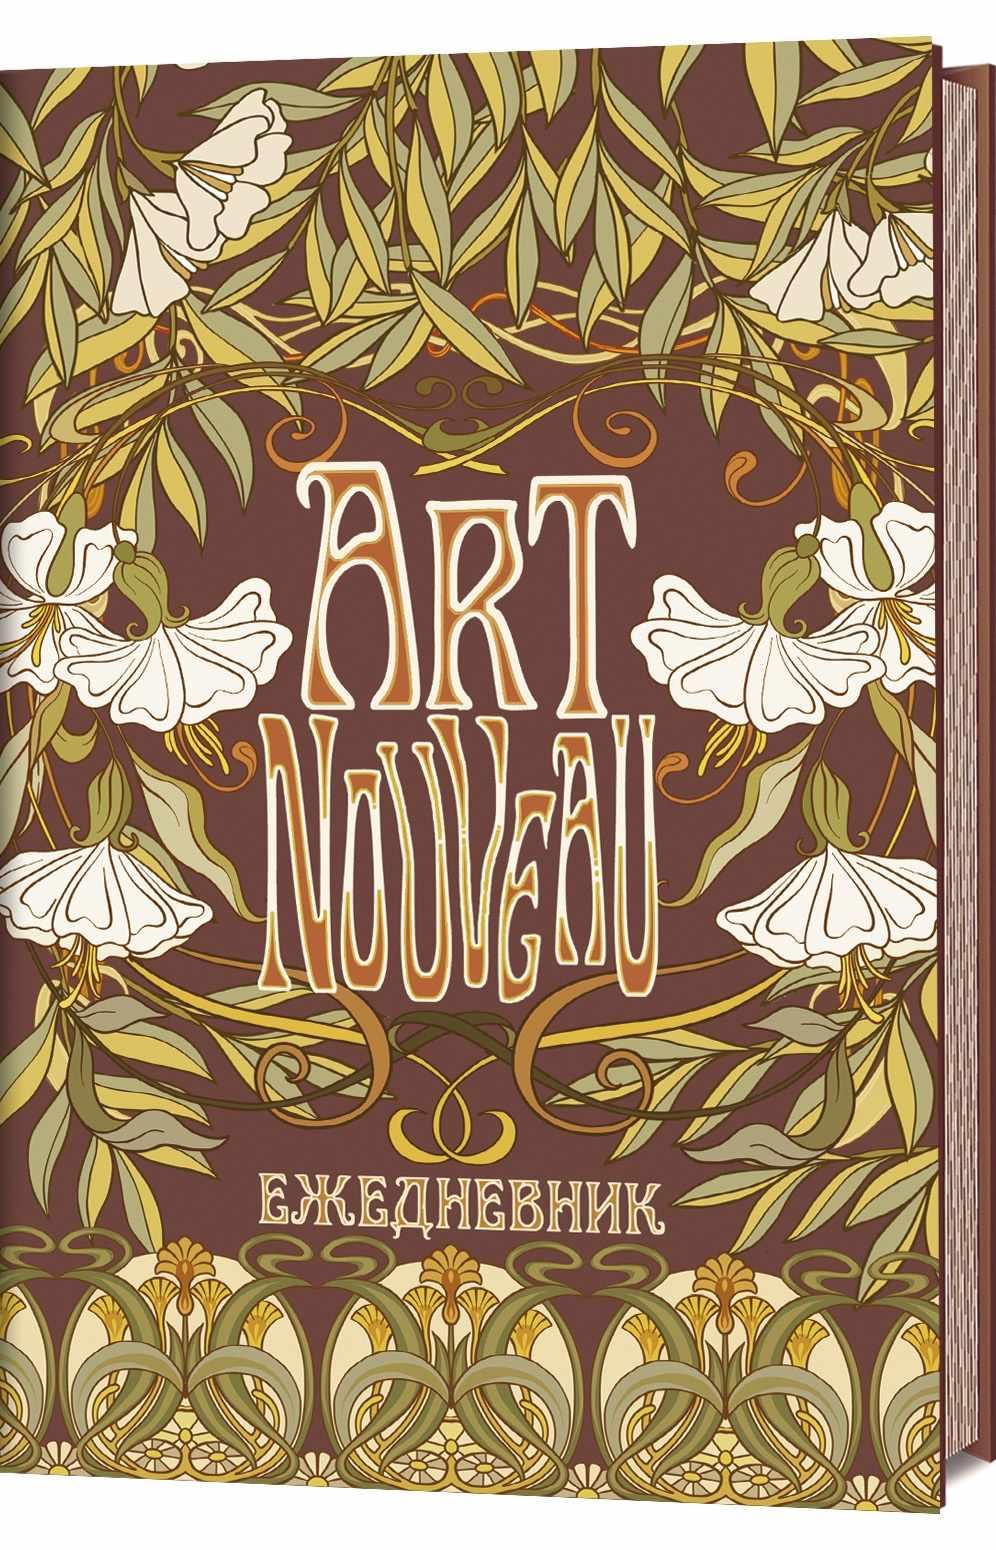 Ежедневник art nouveau (коричневый фон)